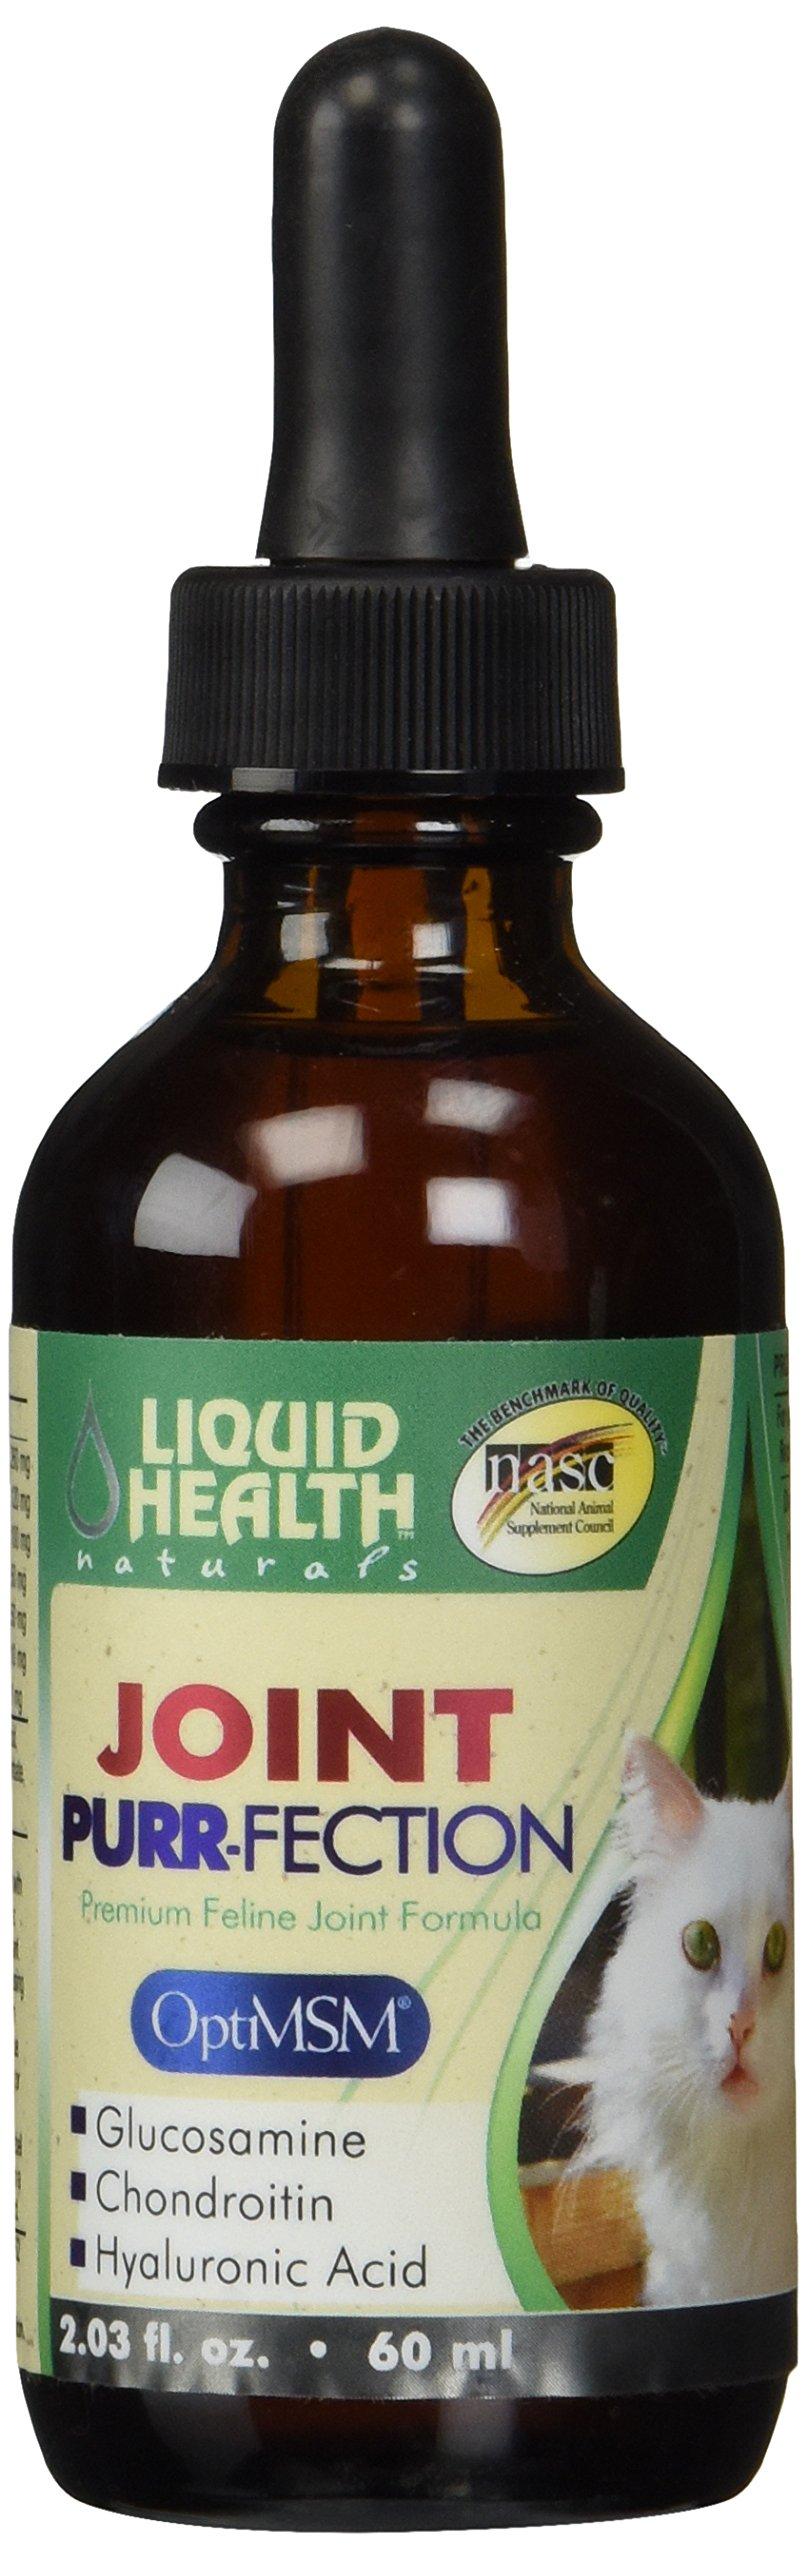 Joint Purr-Fection Liquid Health 2 oz Liquid by Liquid Health